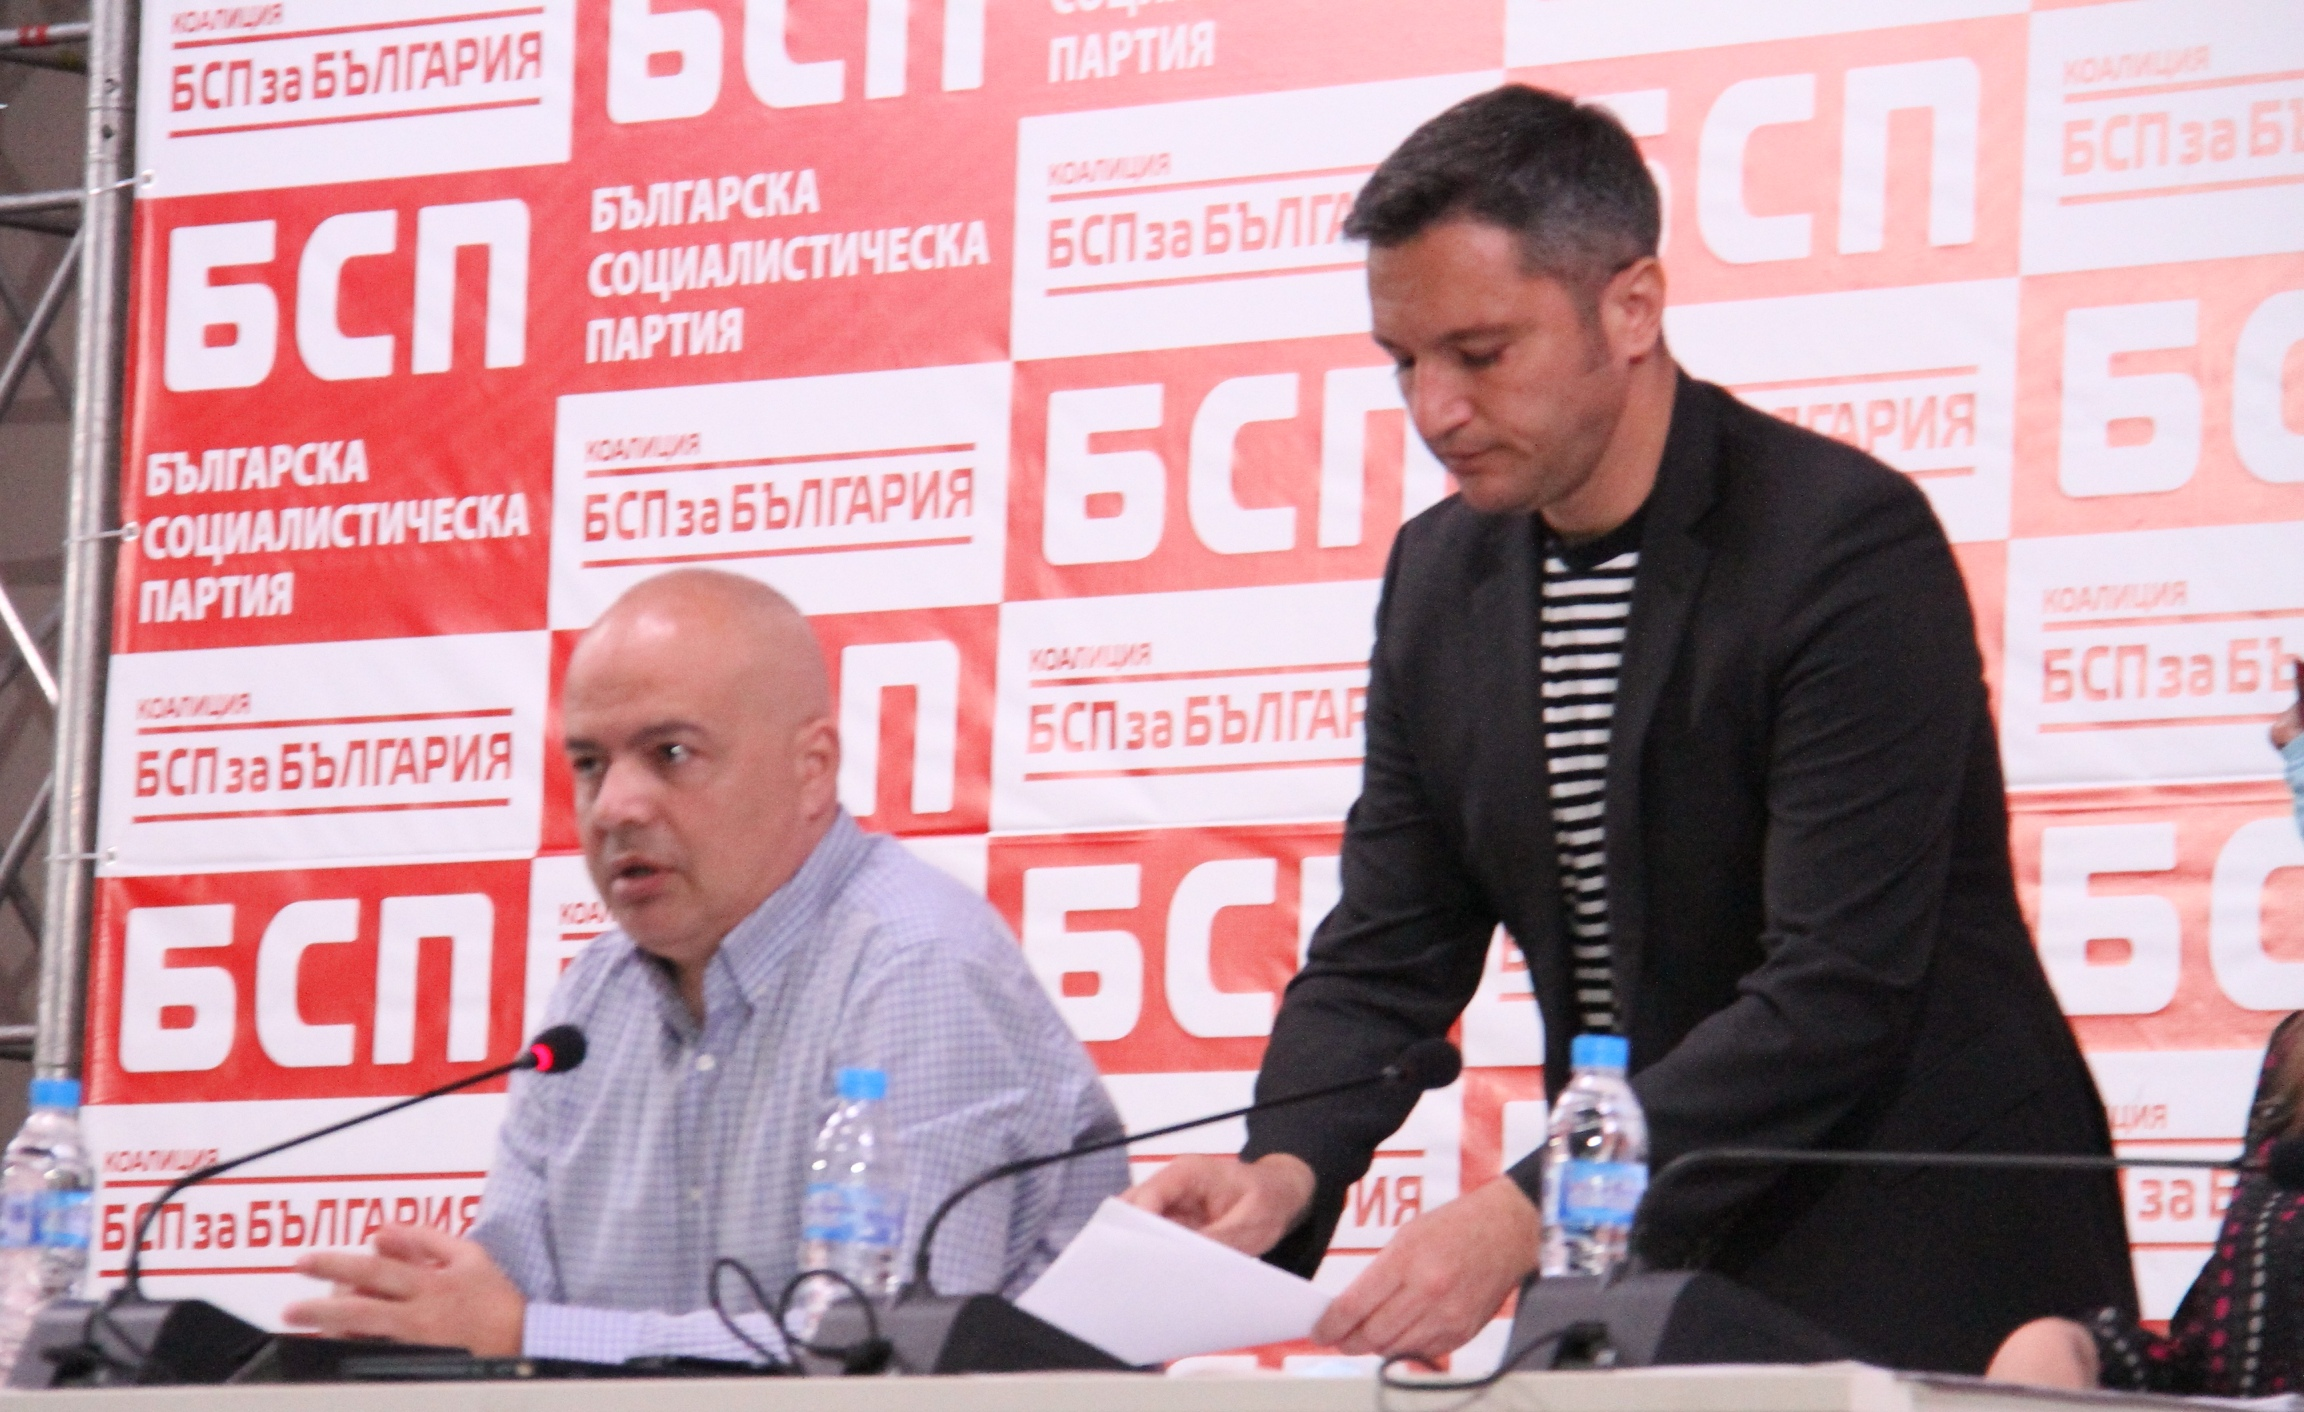 Националният съвет на БСП избра нов предизборен щаб. Кристиан Вигенин